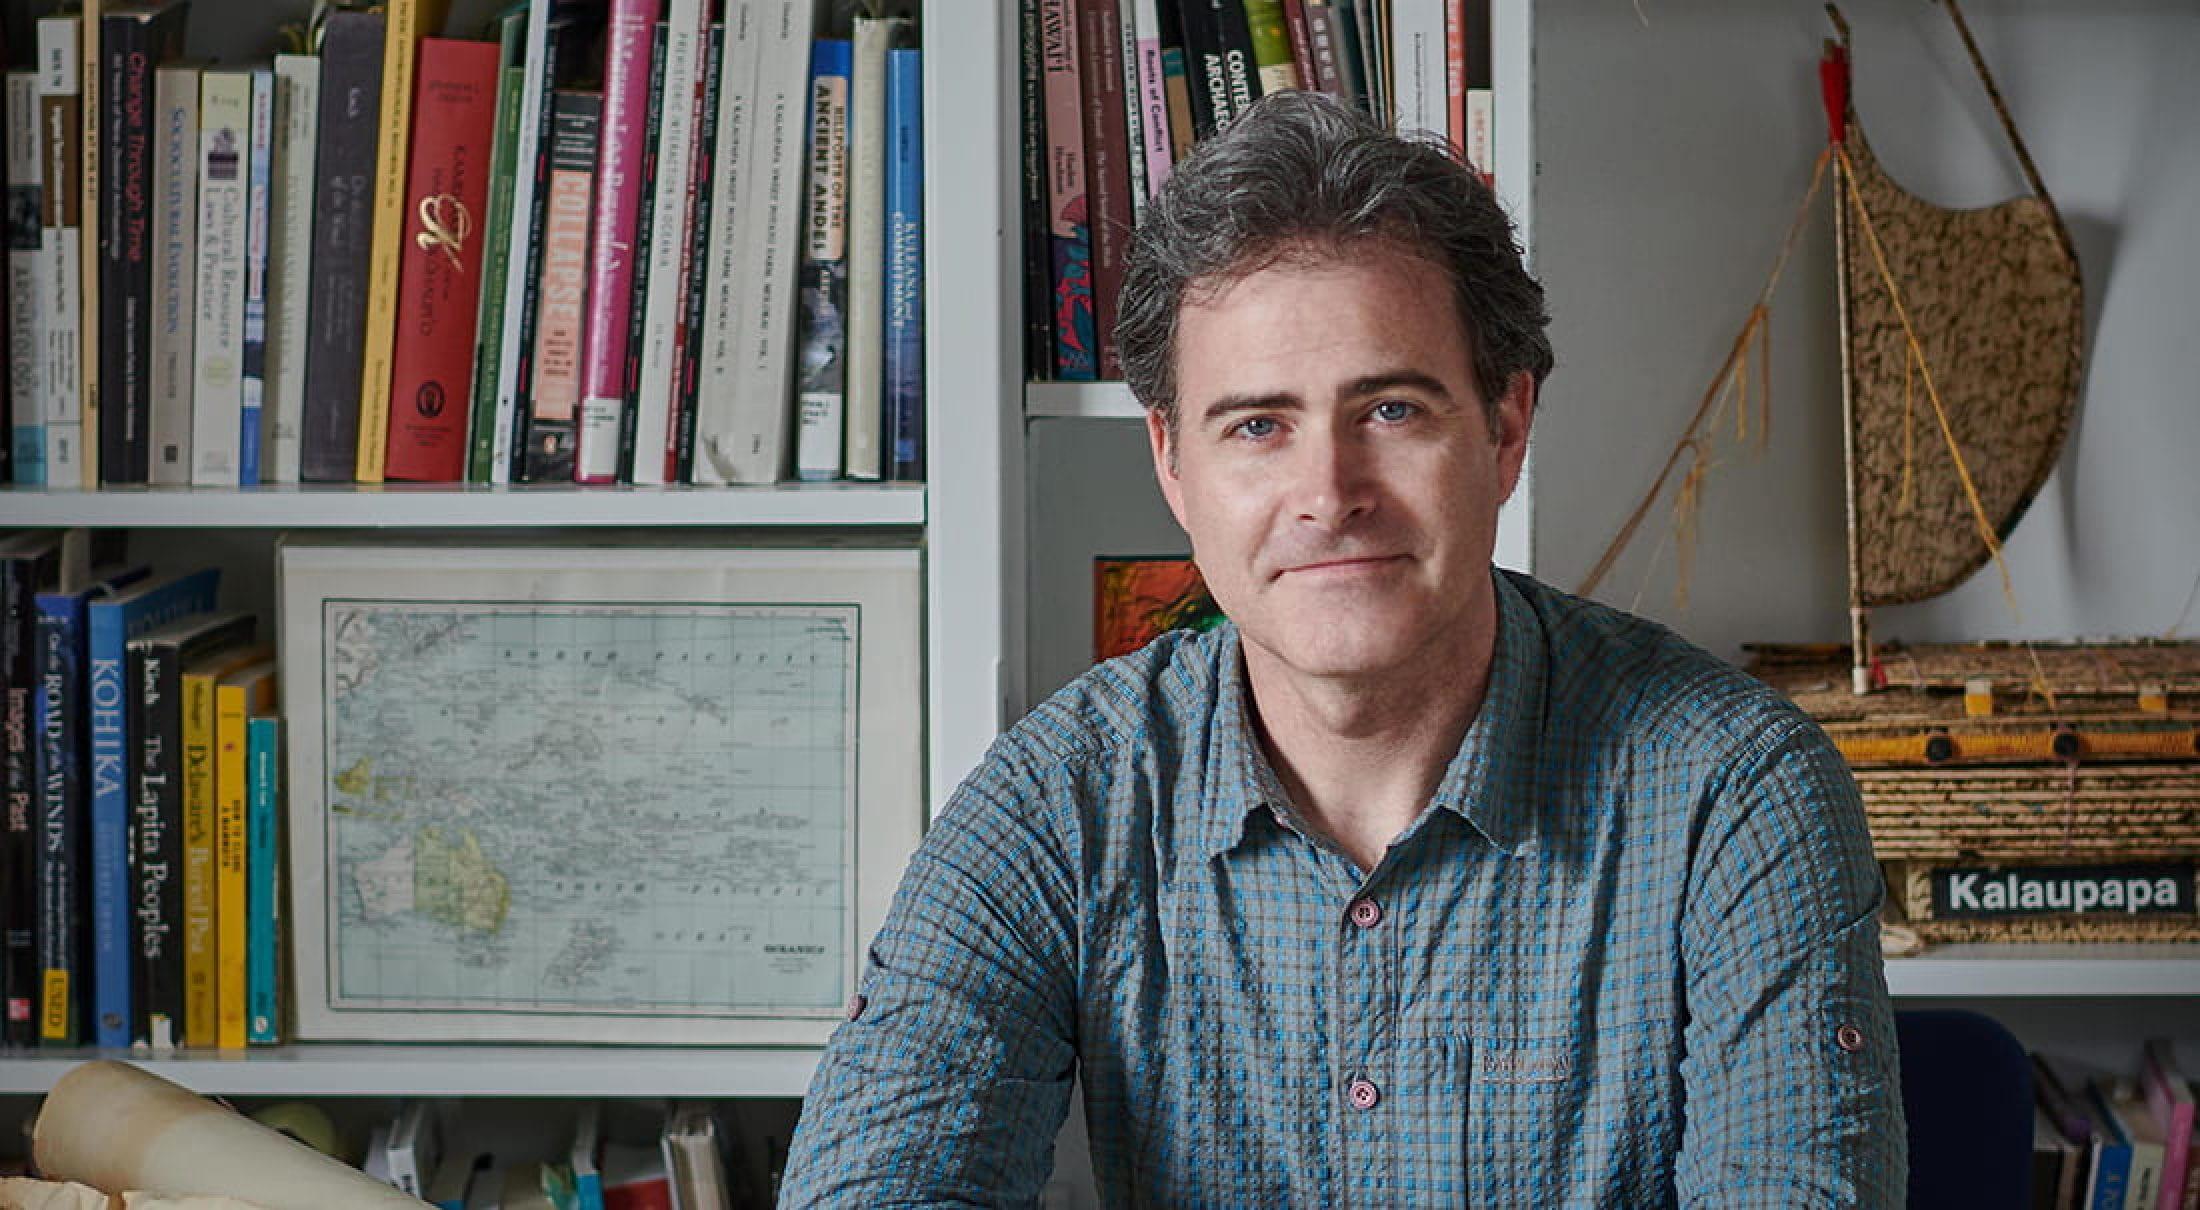 Award-winning author Mark McCoy.